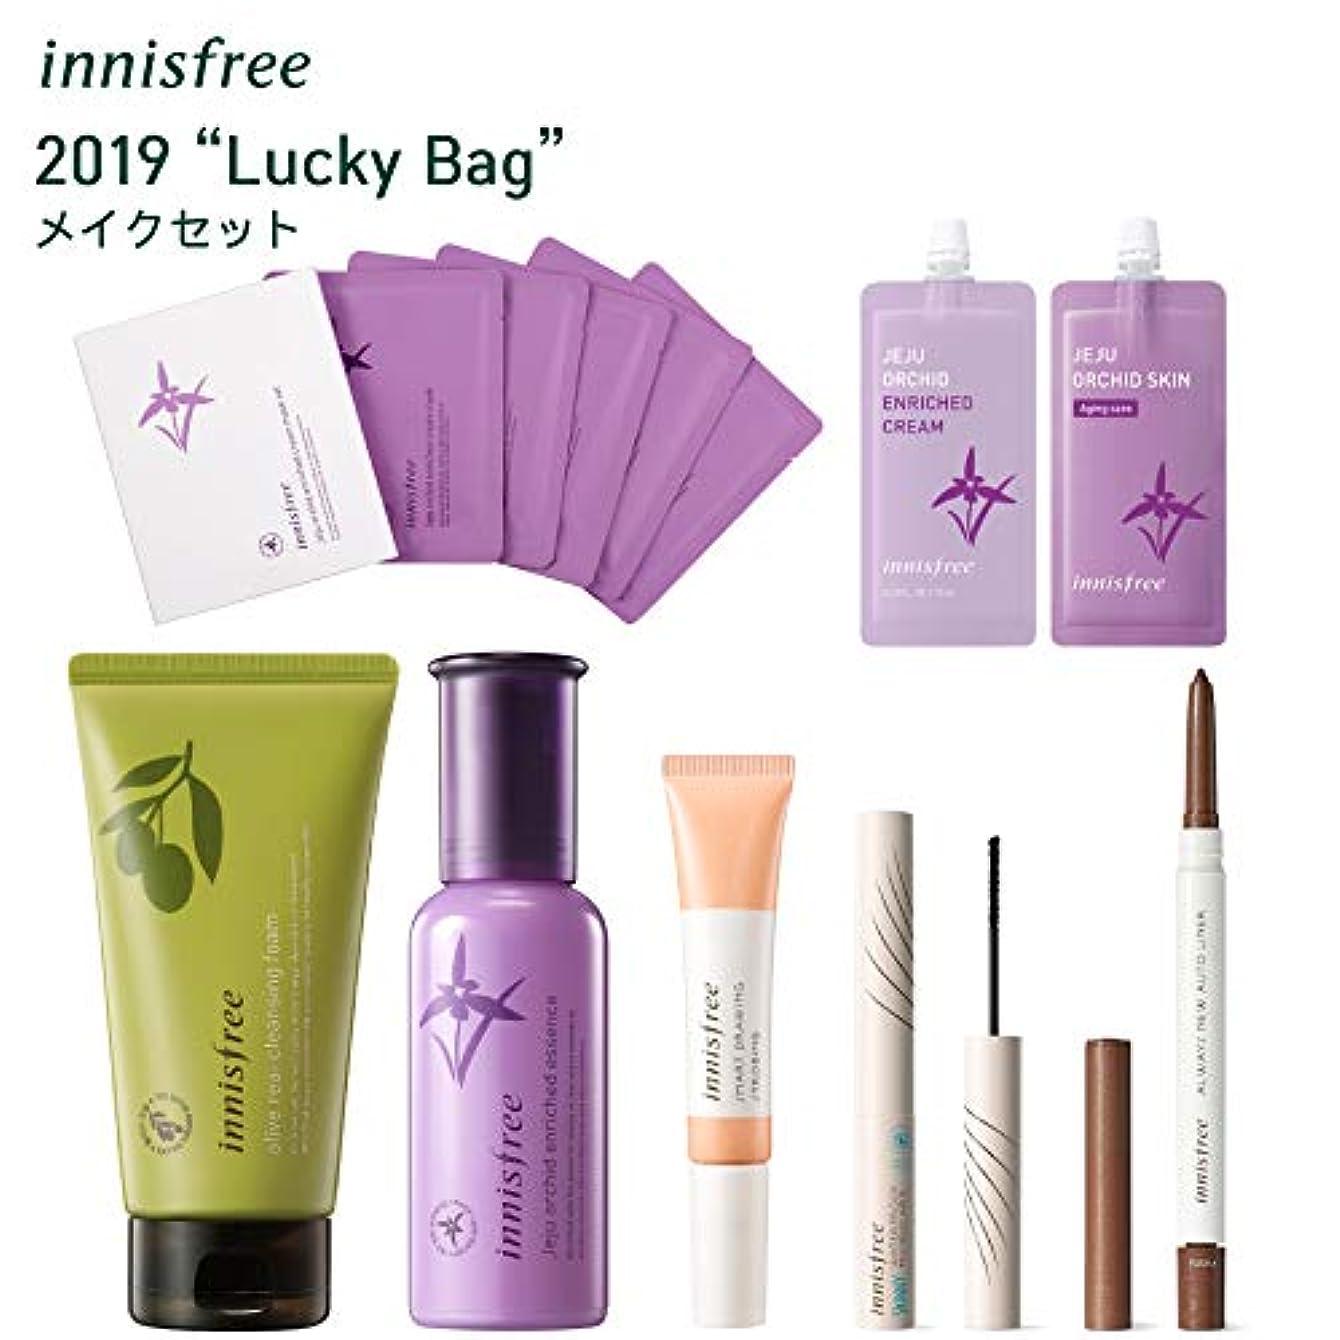 平らな協会直感【Amazon.co.jp 限定】イニスフリー日本公式(innisfree)Lucky Bag 2019(メイク)[福袋]